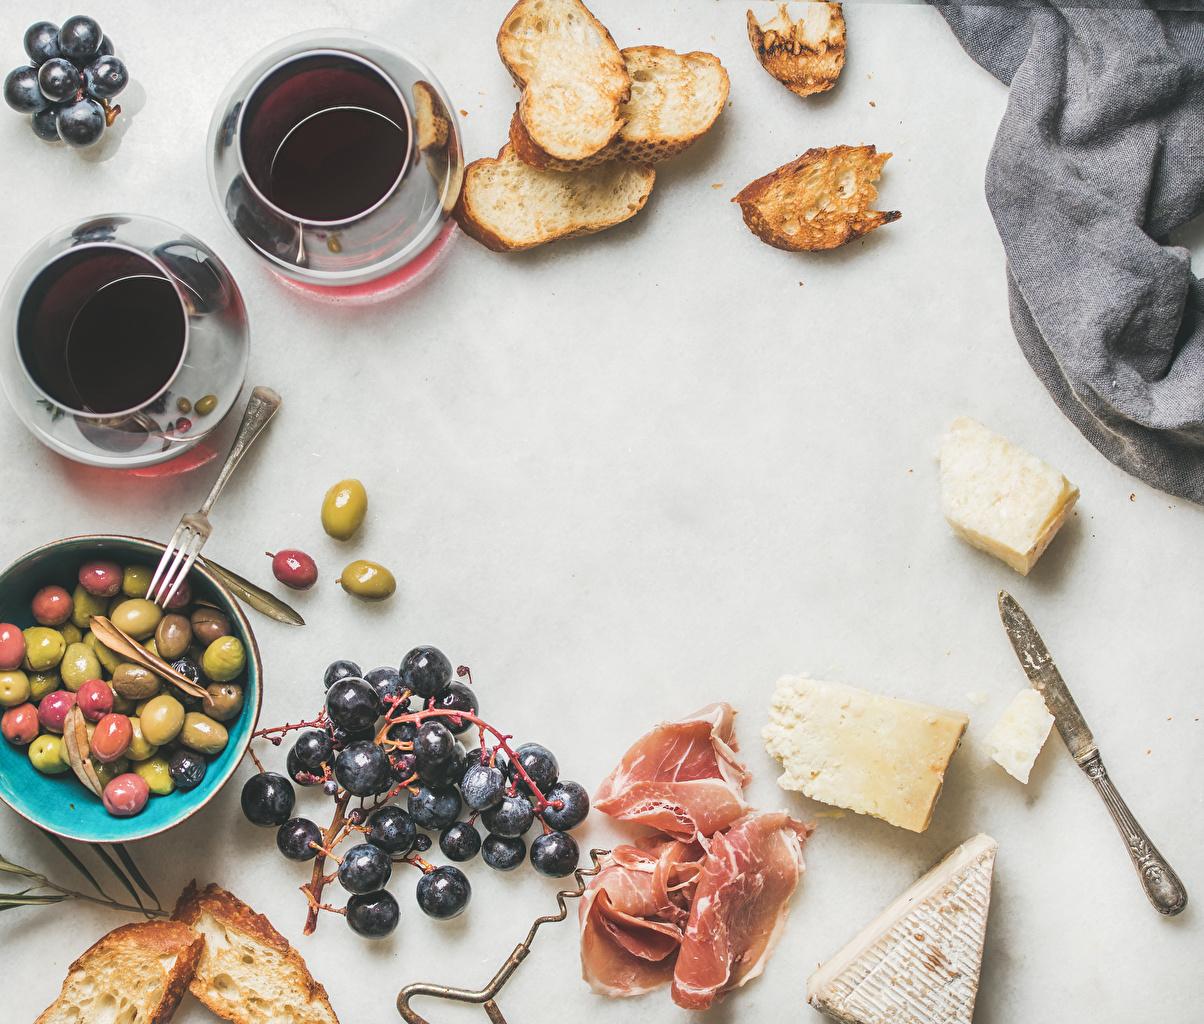 Фотография Кофе Оливки Завтрак Сыры Хлеб Ветчина Виноград Еда Чашка Белый фон Пища Продукты питания